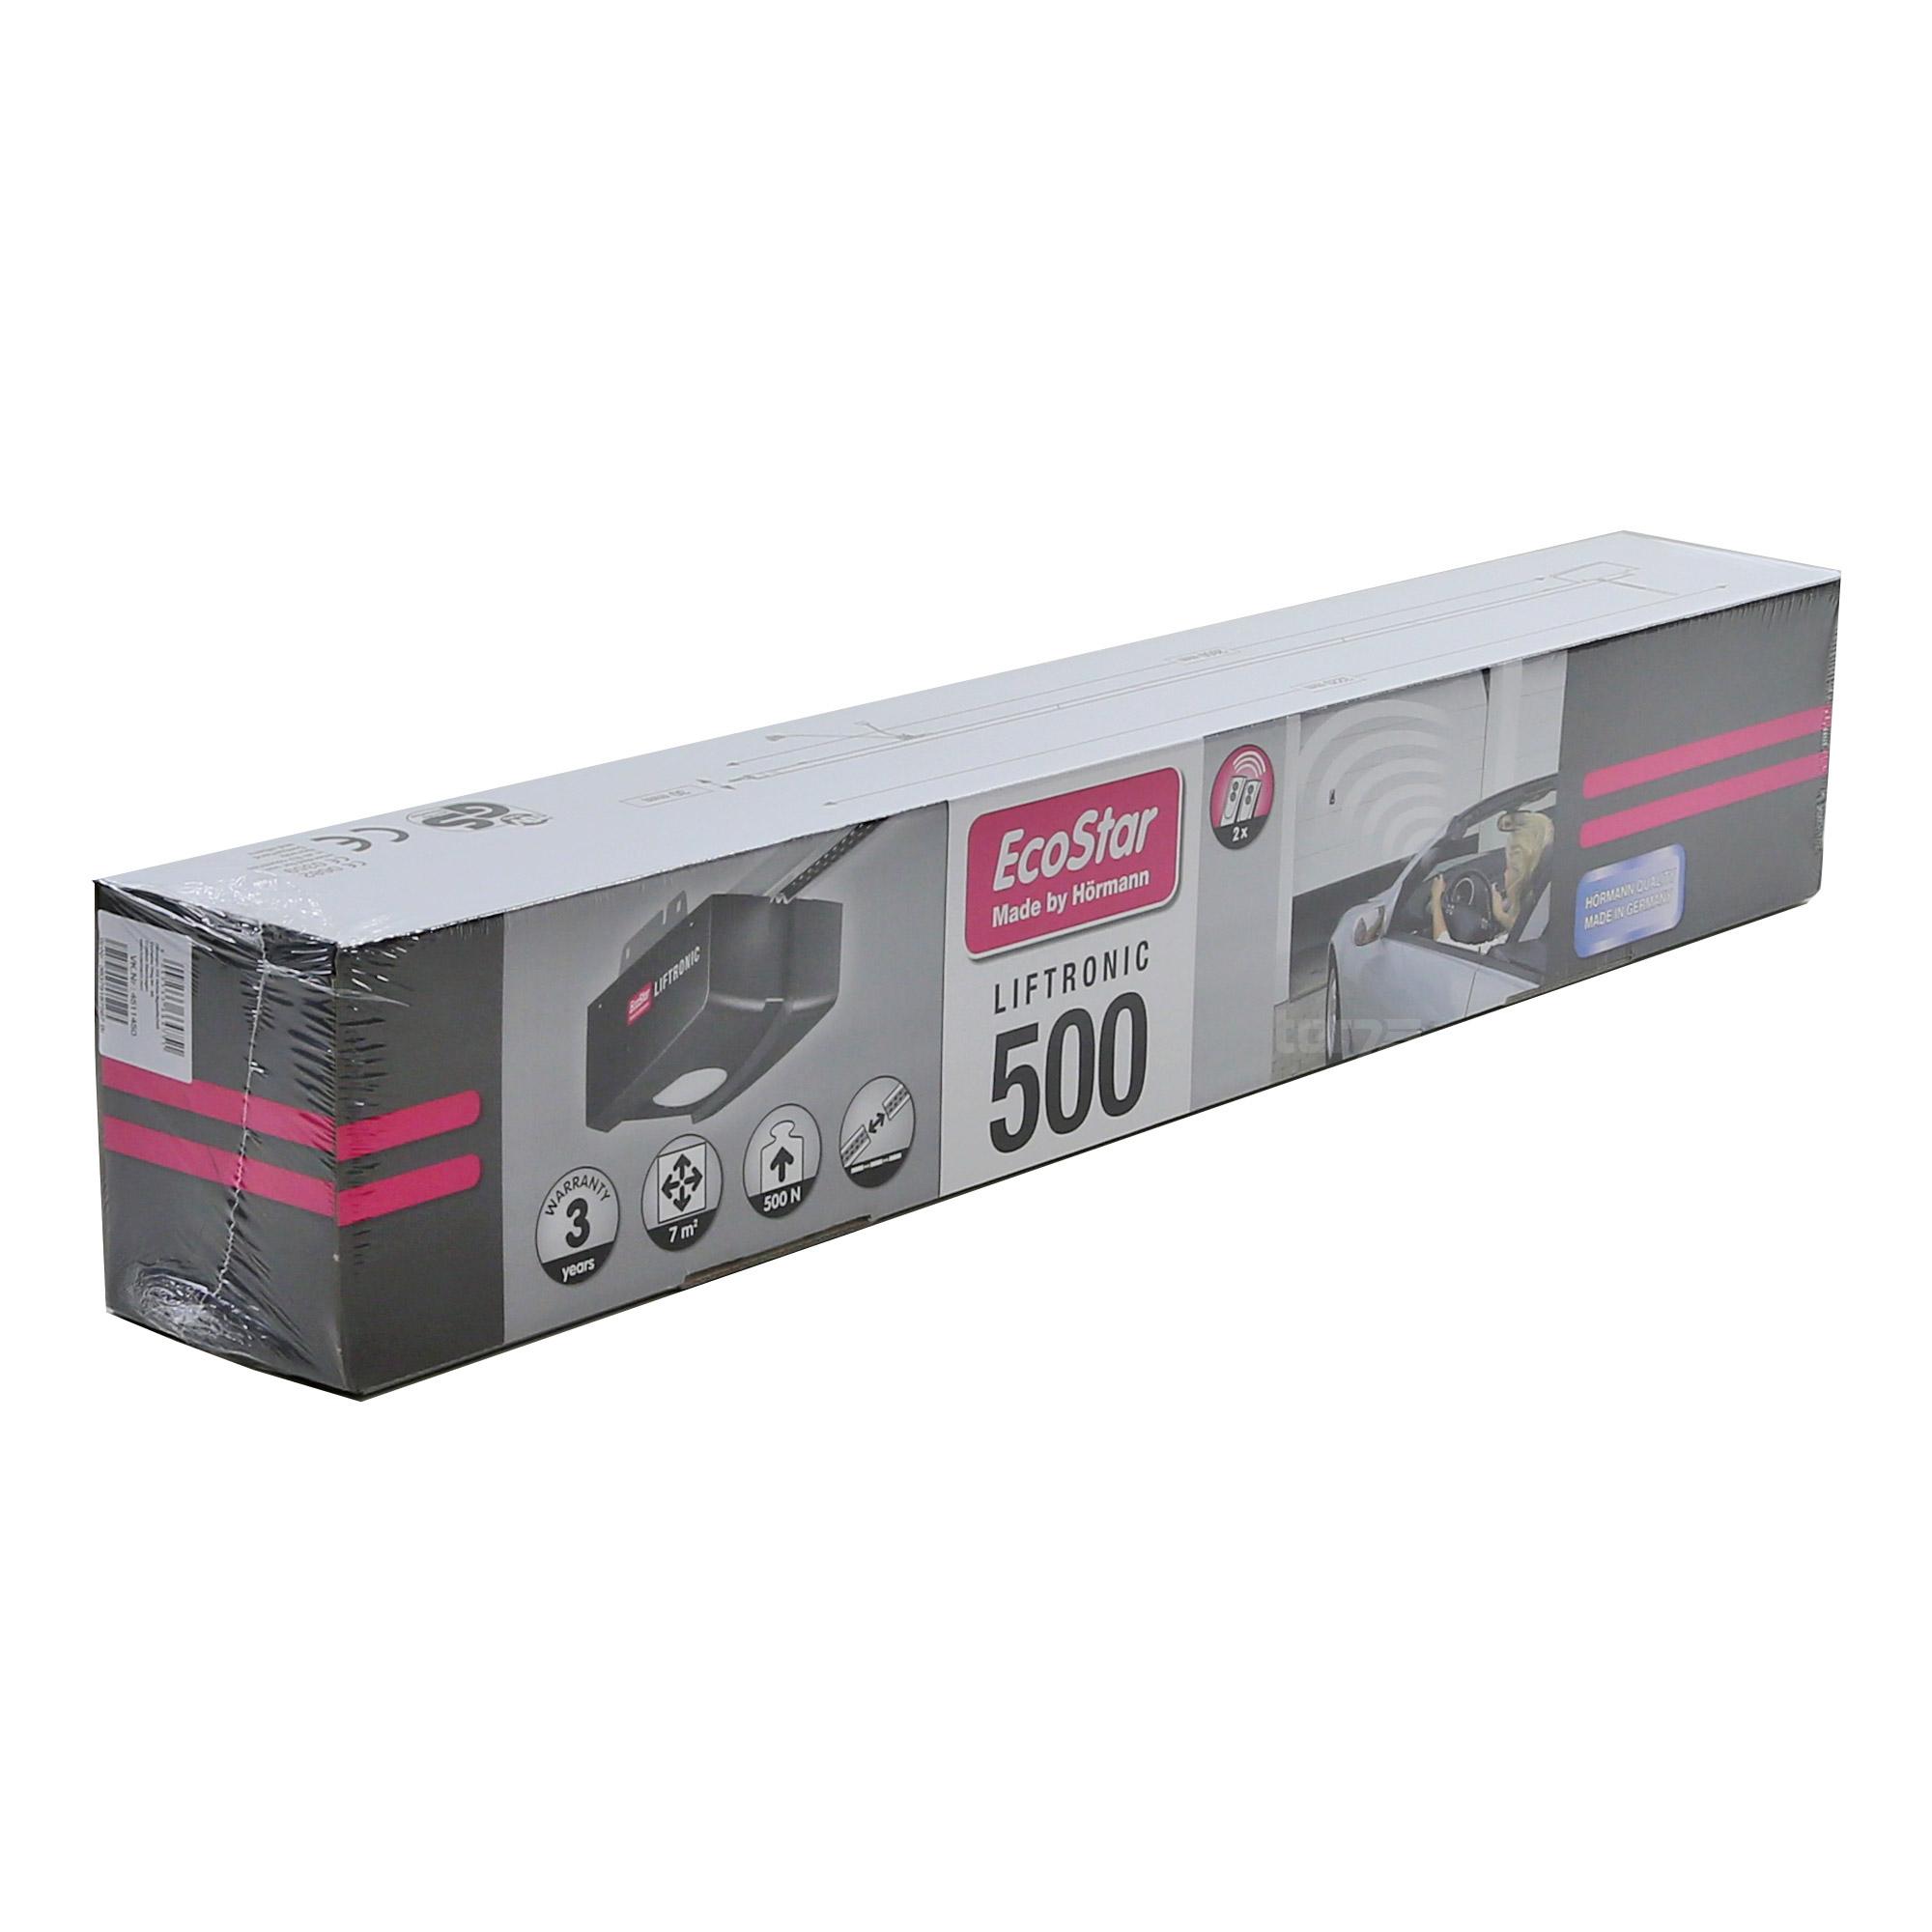 Hormann Ecostar Liftronic 500 Garagentorantrieb Mit Schiene